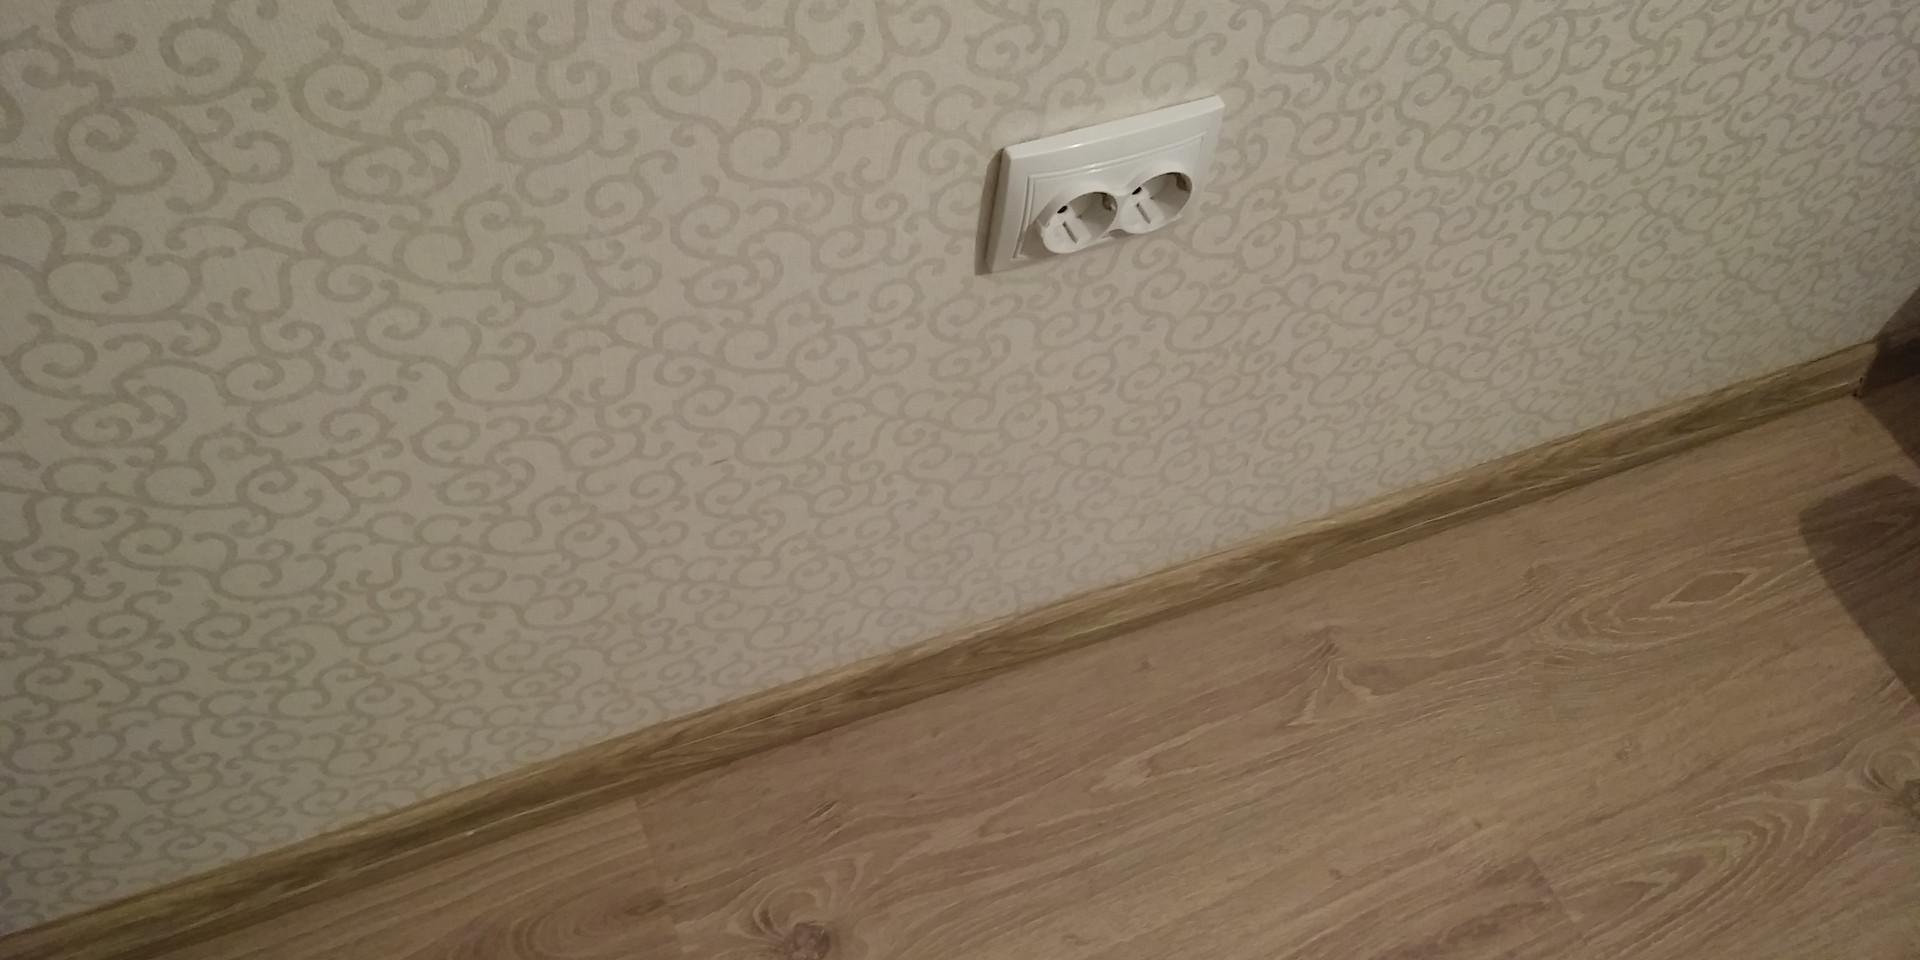 Косметический ремонт гостинки, ремонт го